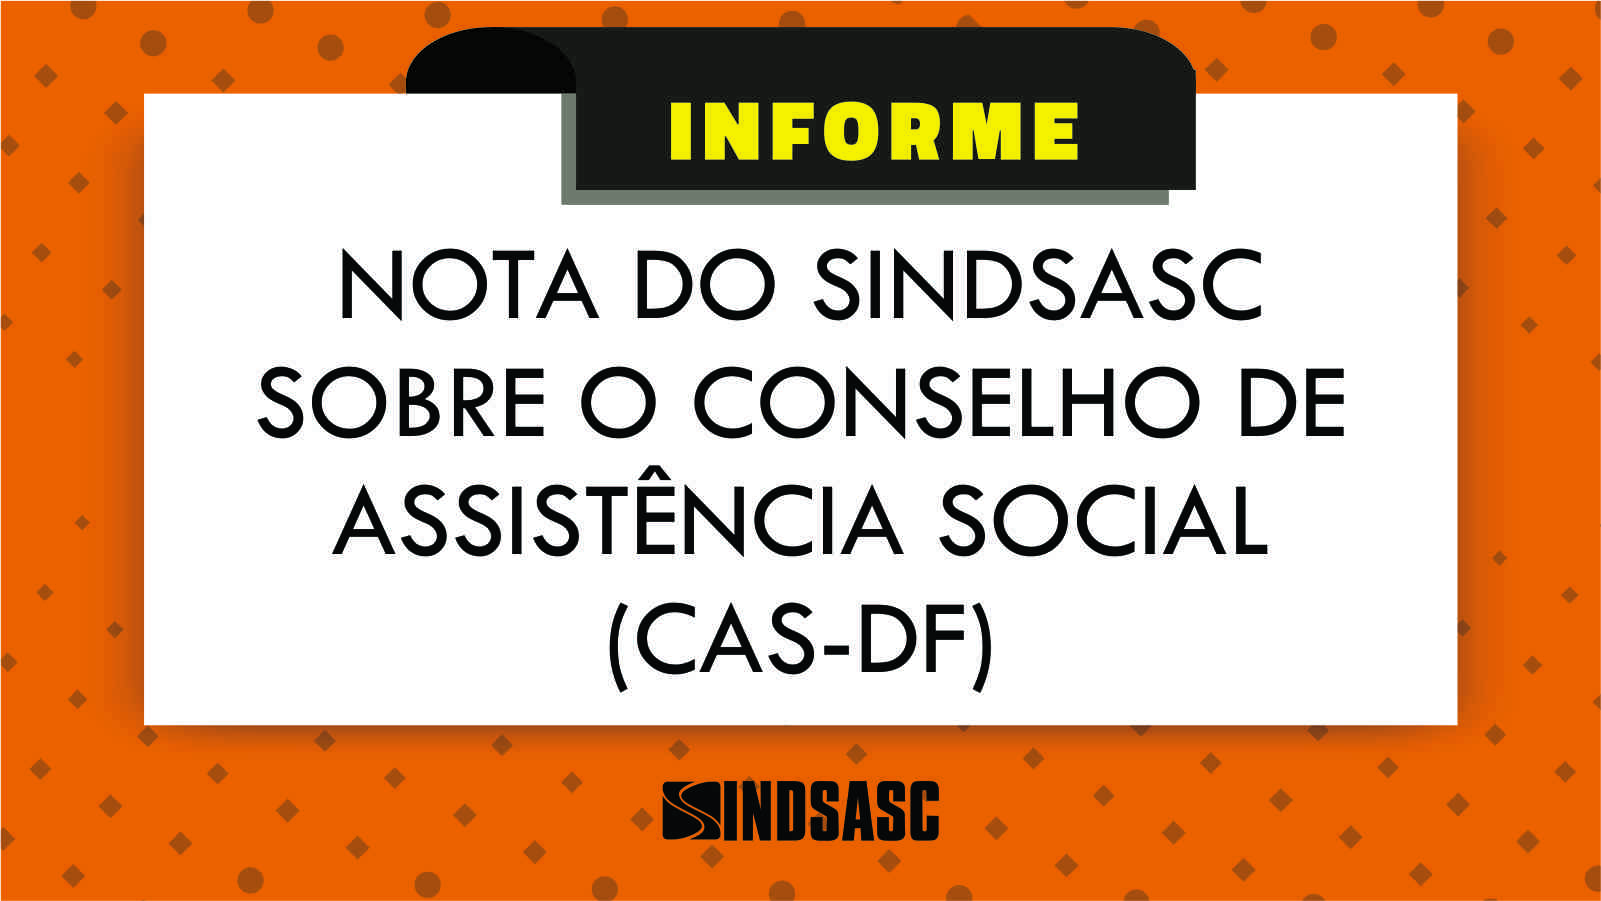 Nota do Sindsasc sobre o Conselho de Assistência Social do Distrito Federal (CAS-DF)